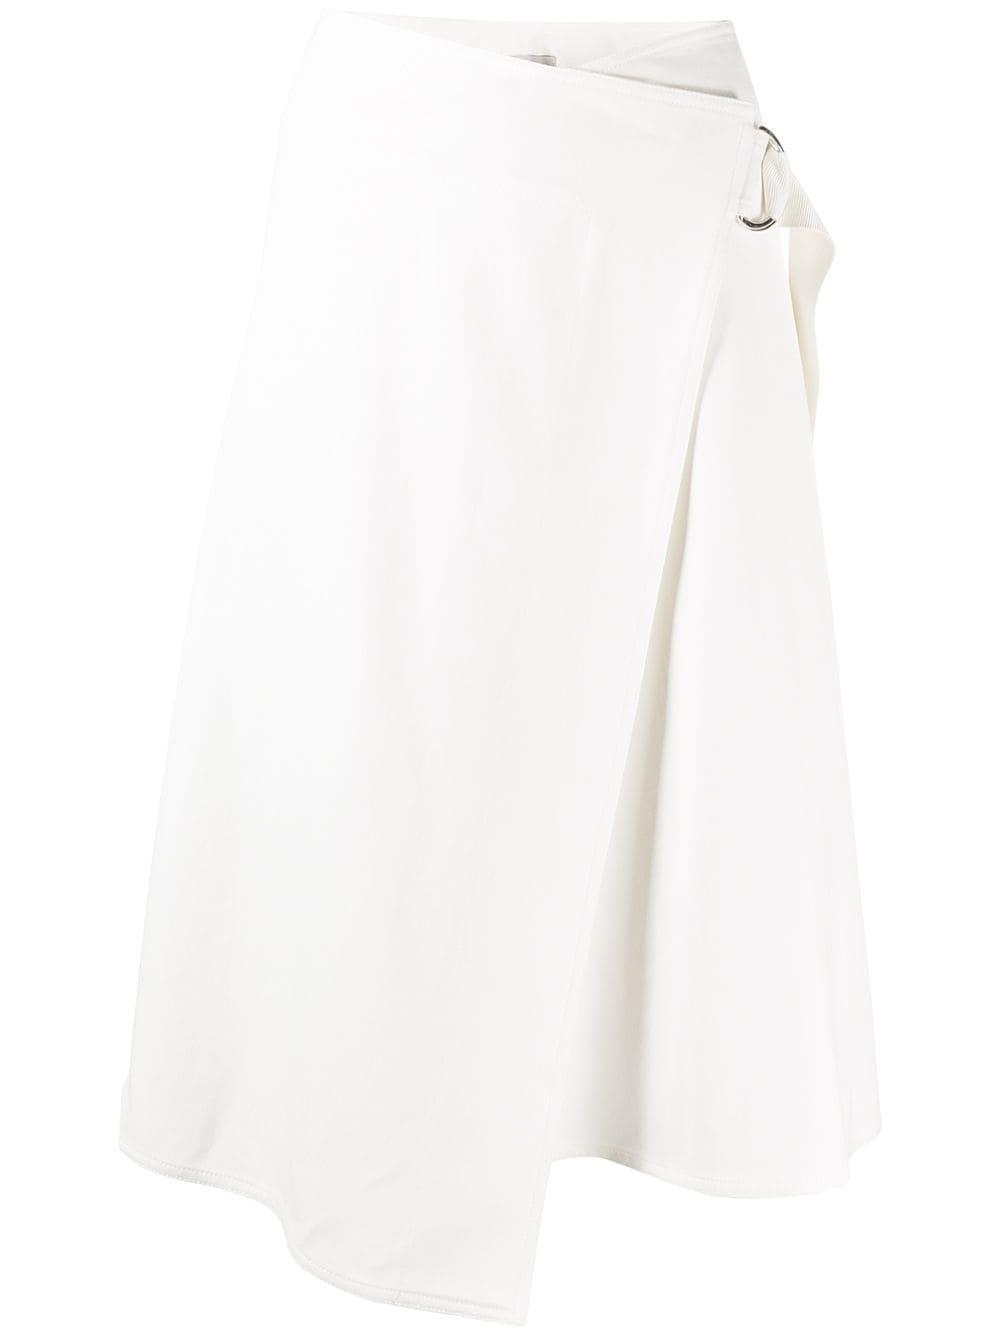 A-line shape white skirt MONCLER |  | 2D701-00-V0064034